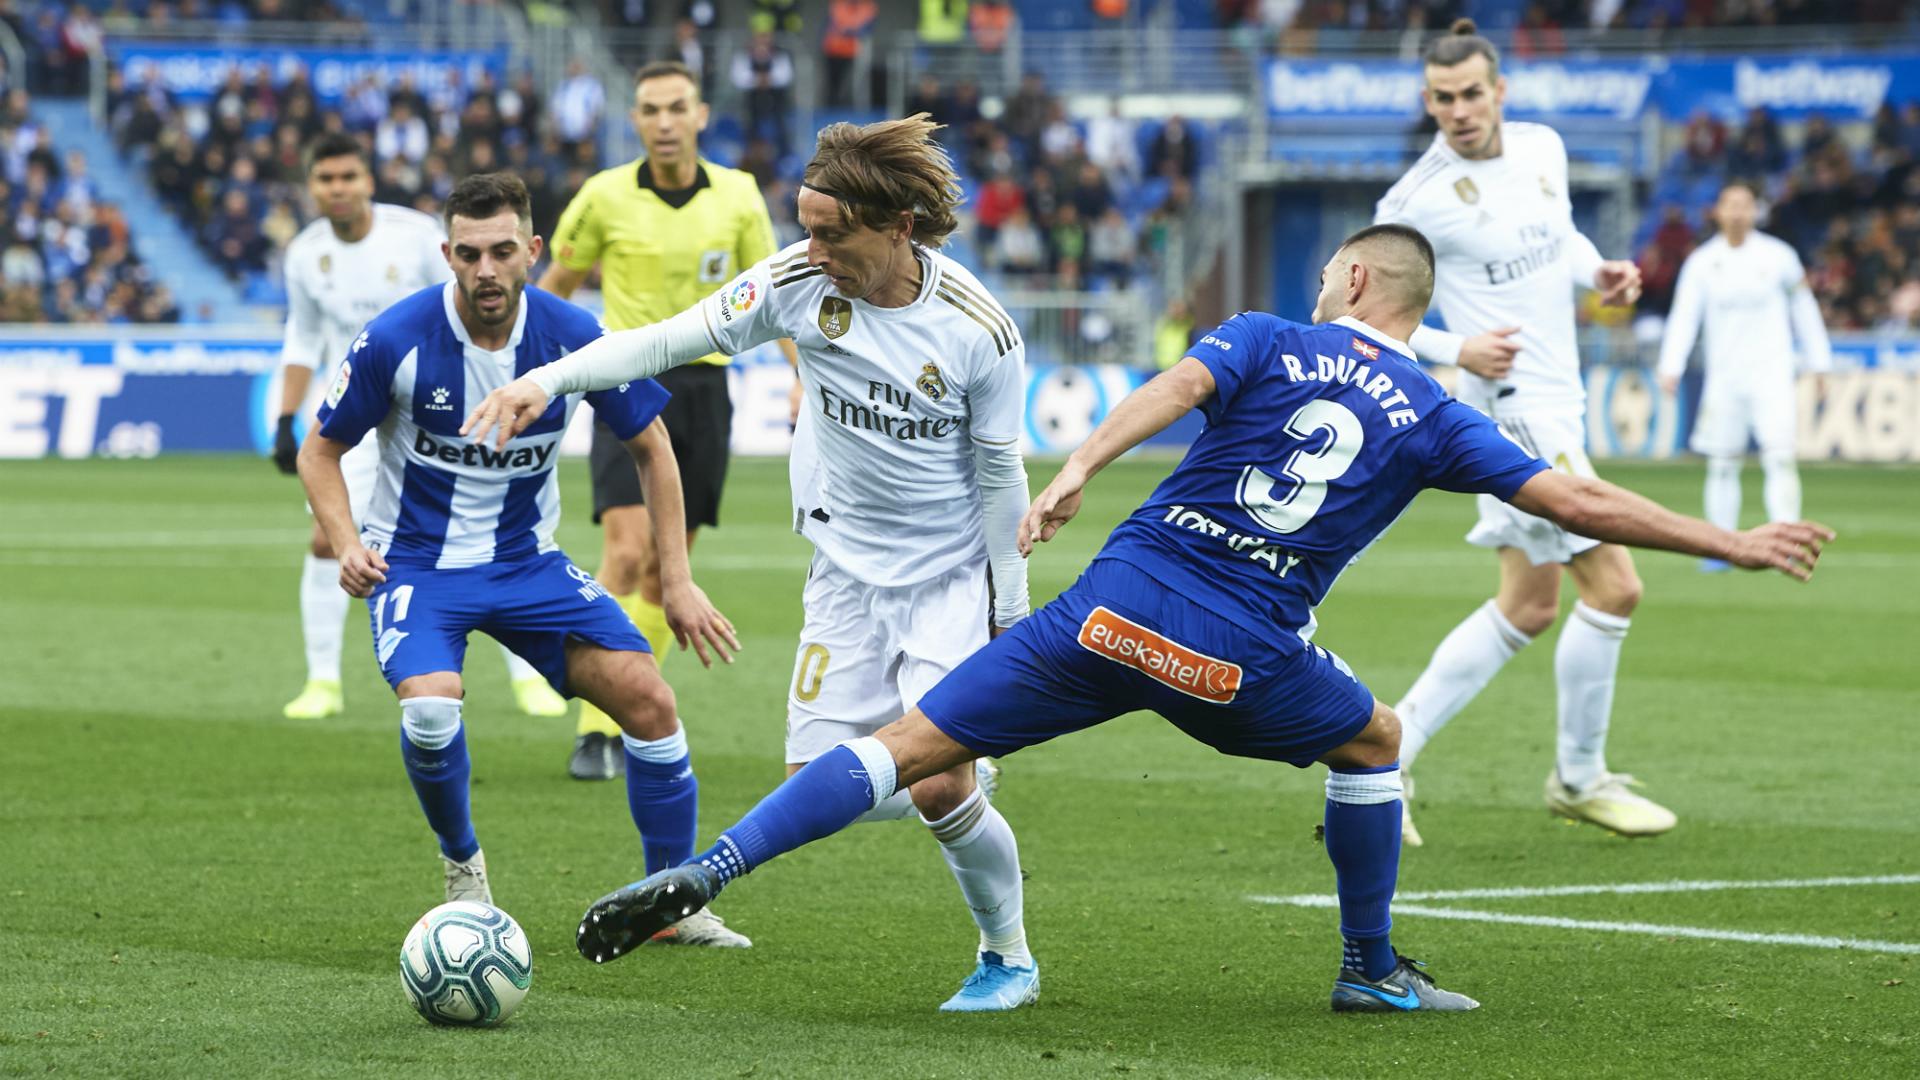 Deportivo Alaves V Real Madrid Match Report 30 11 2019 Primera Division Goal Com